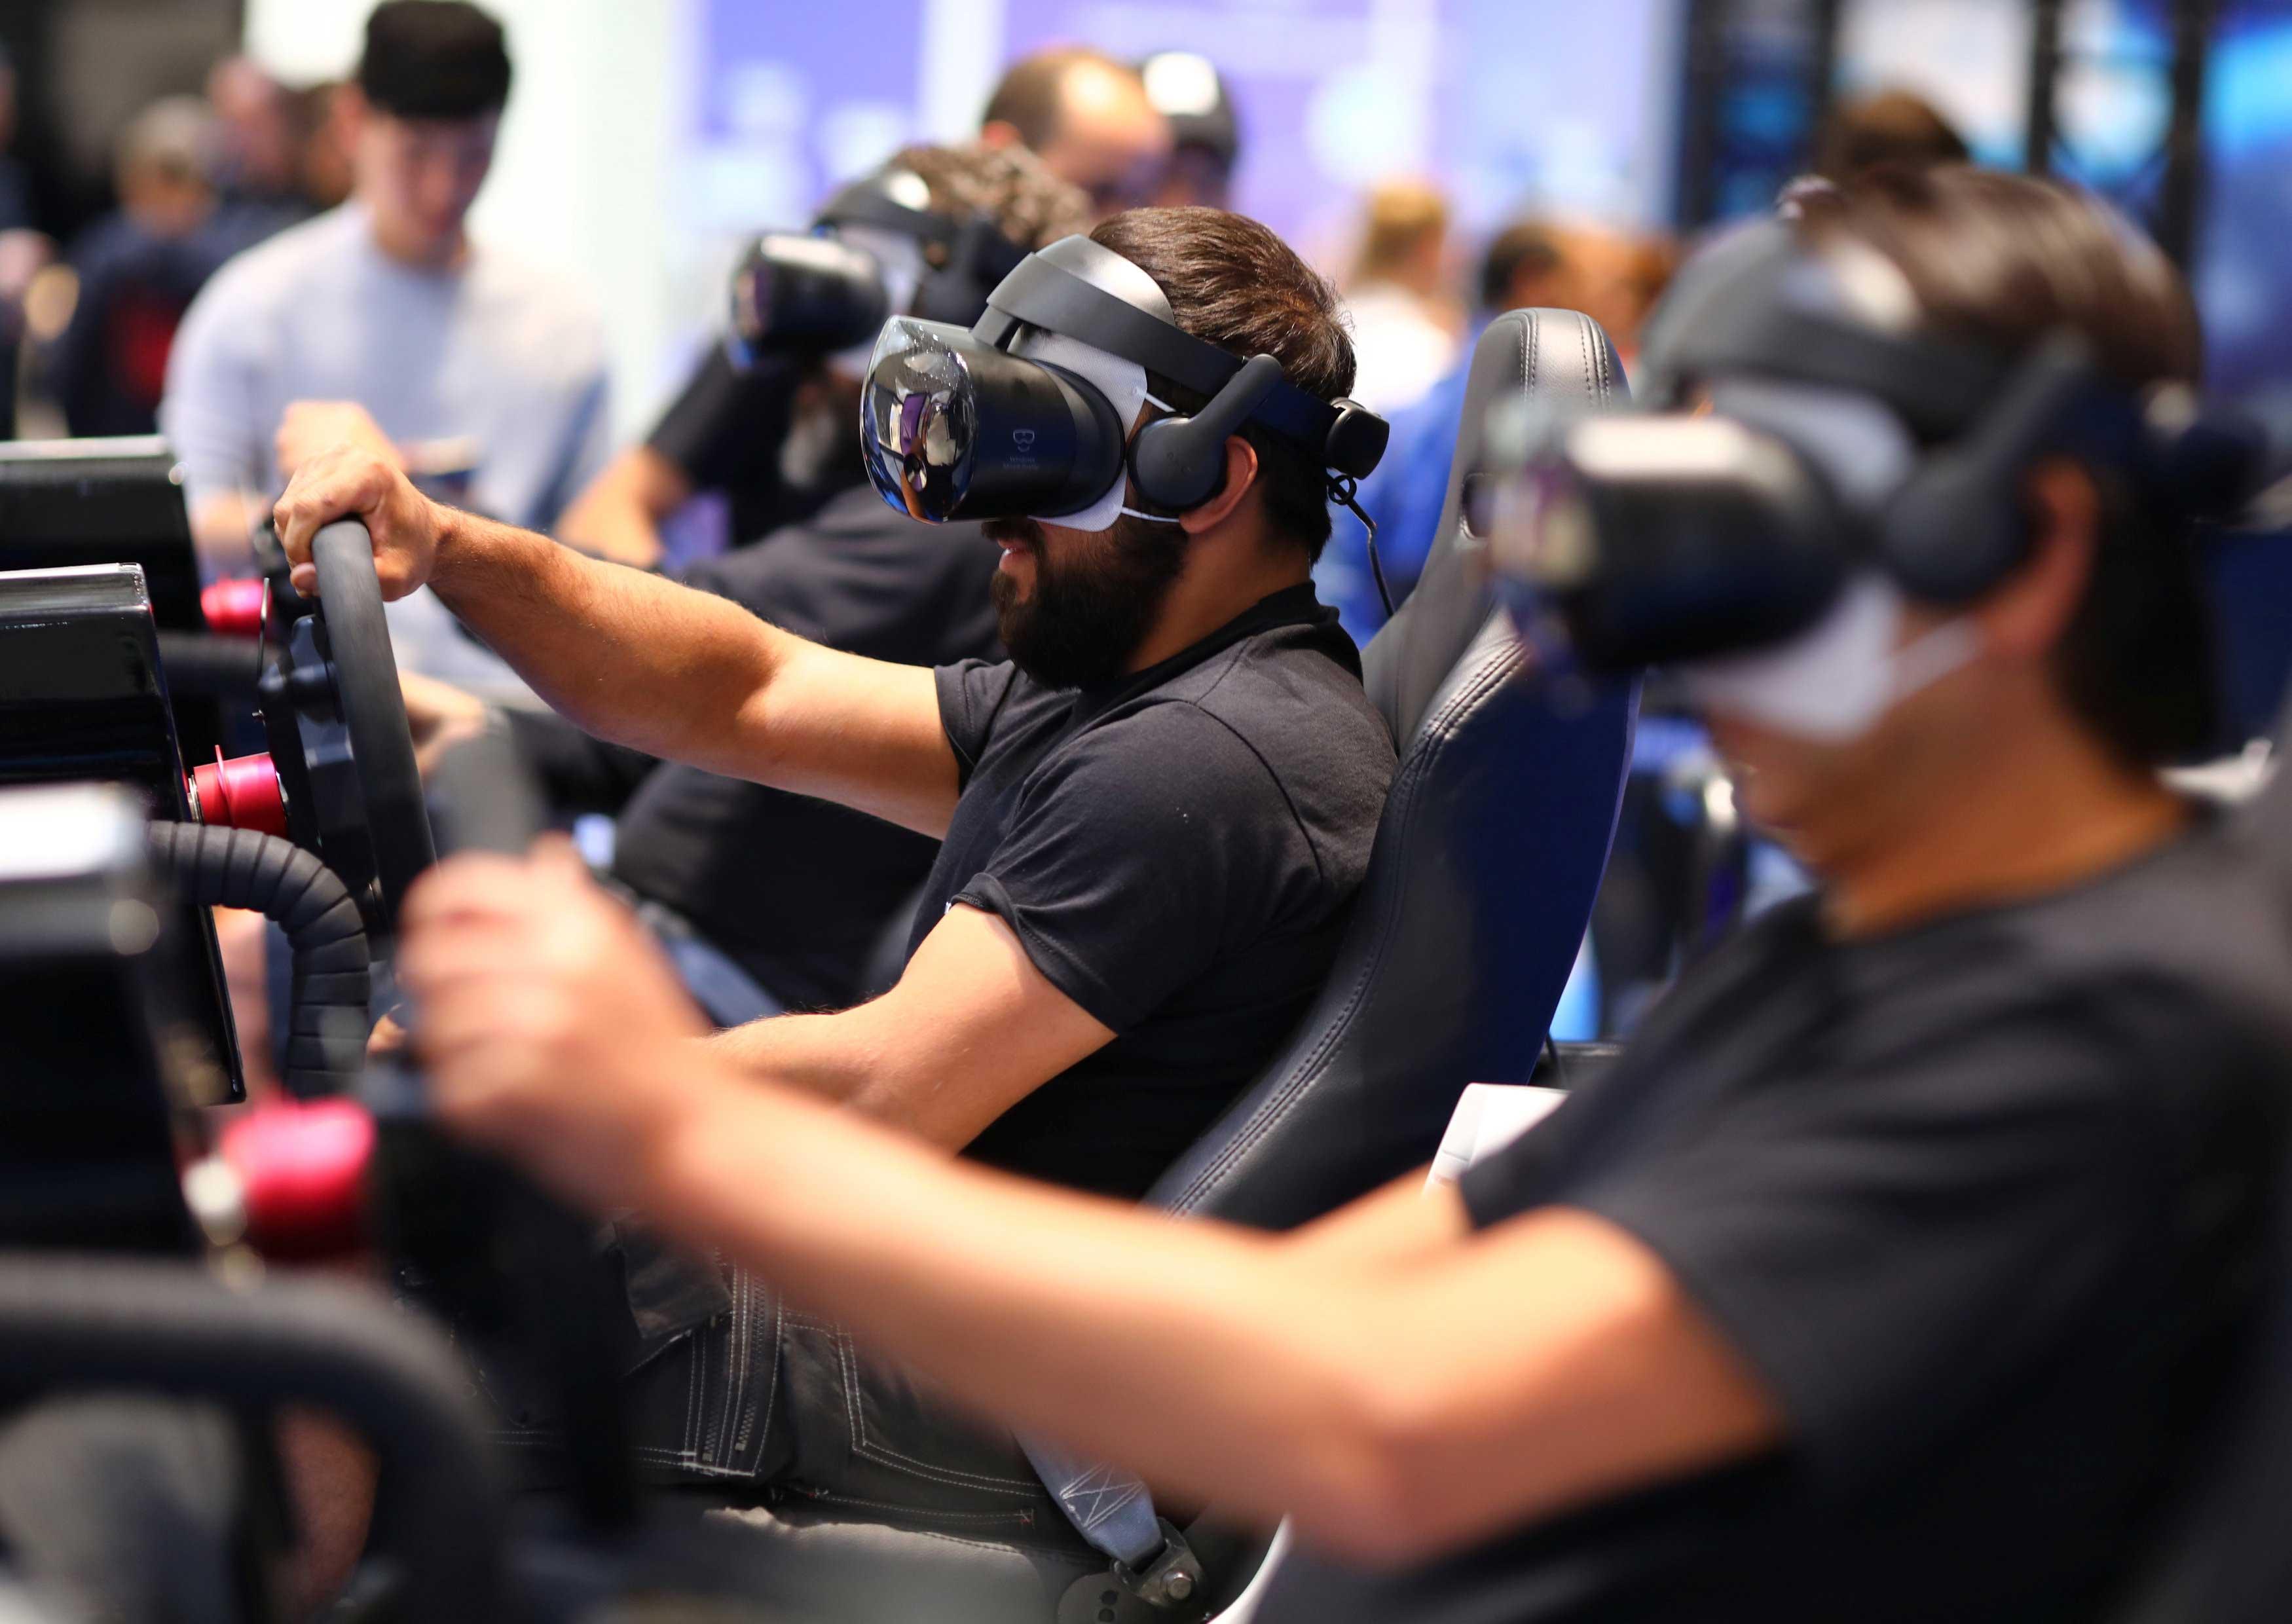 การทดลองใช้แว่น VR ของเทคโนโลยี Samsung 4d ในงาน IFA